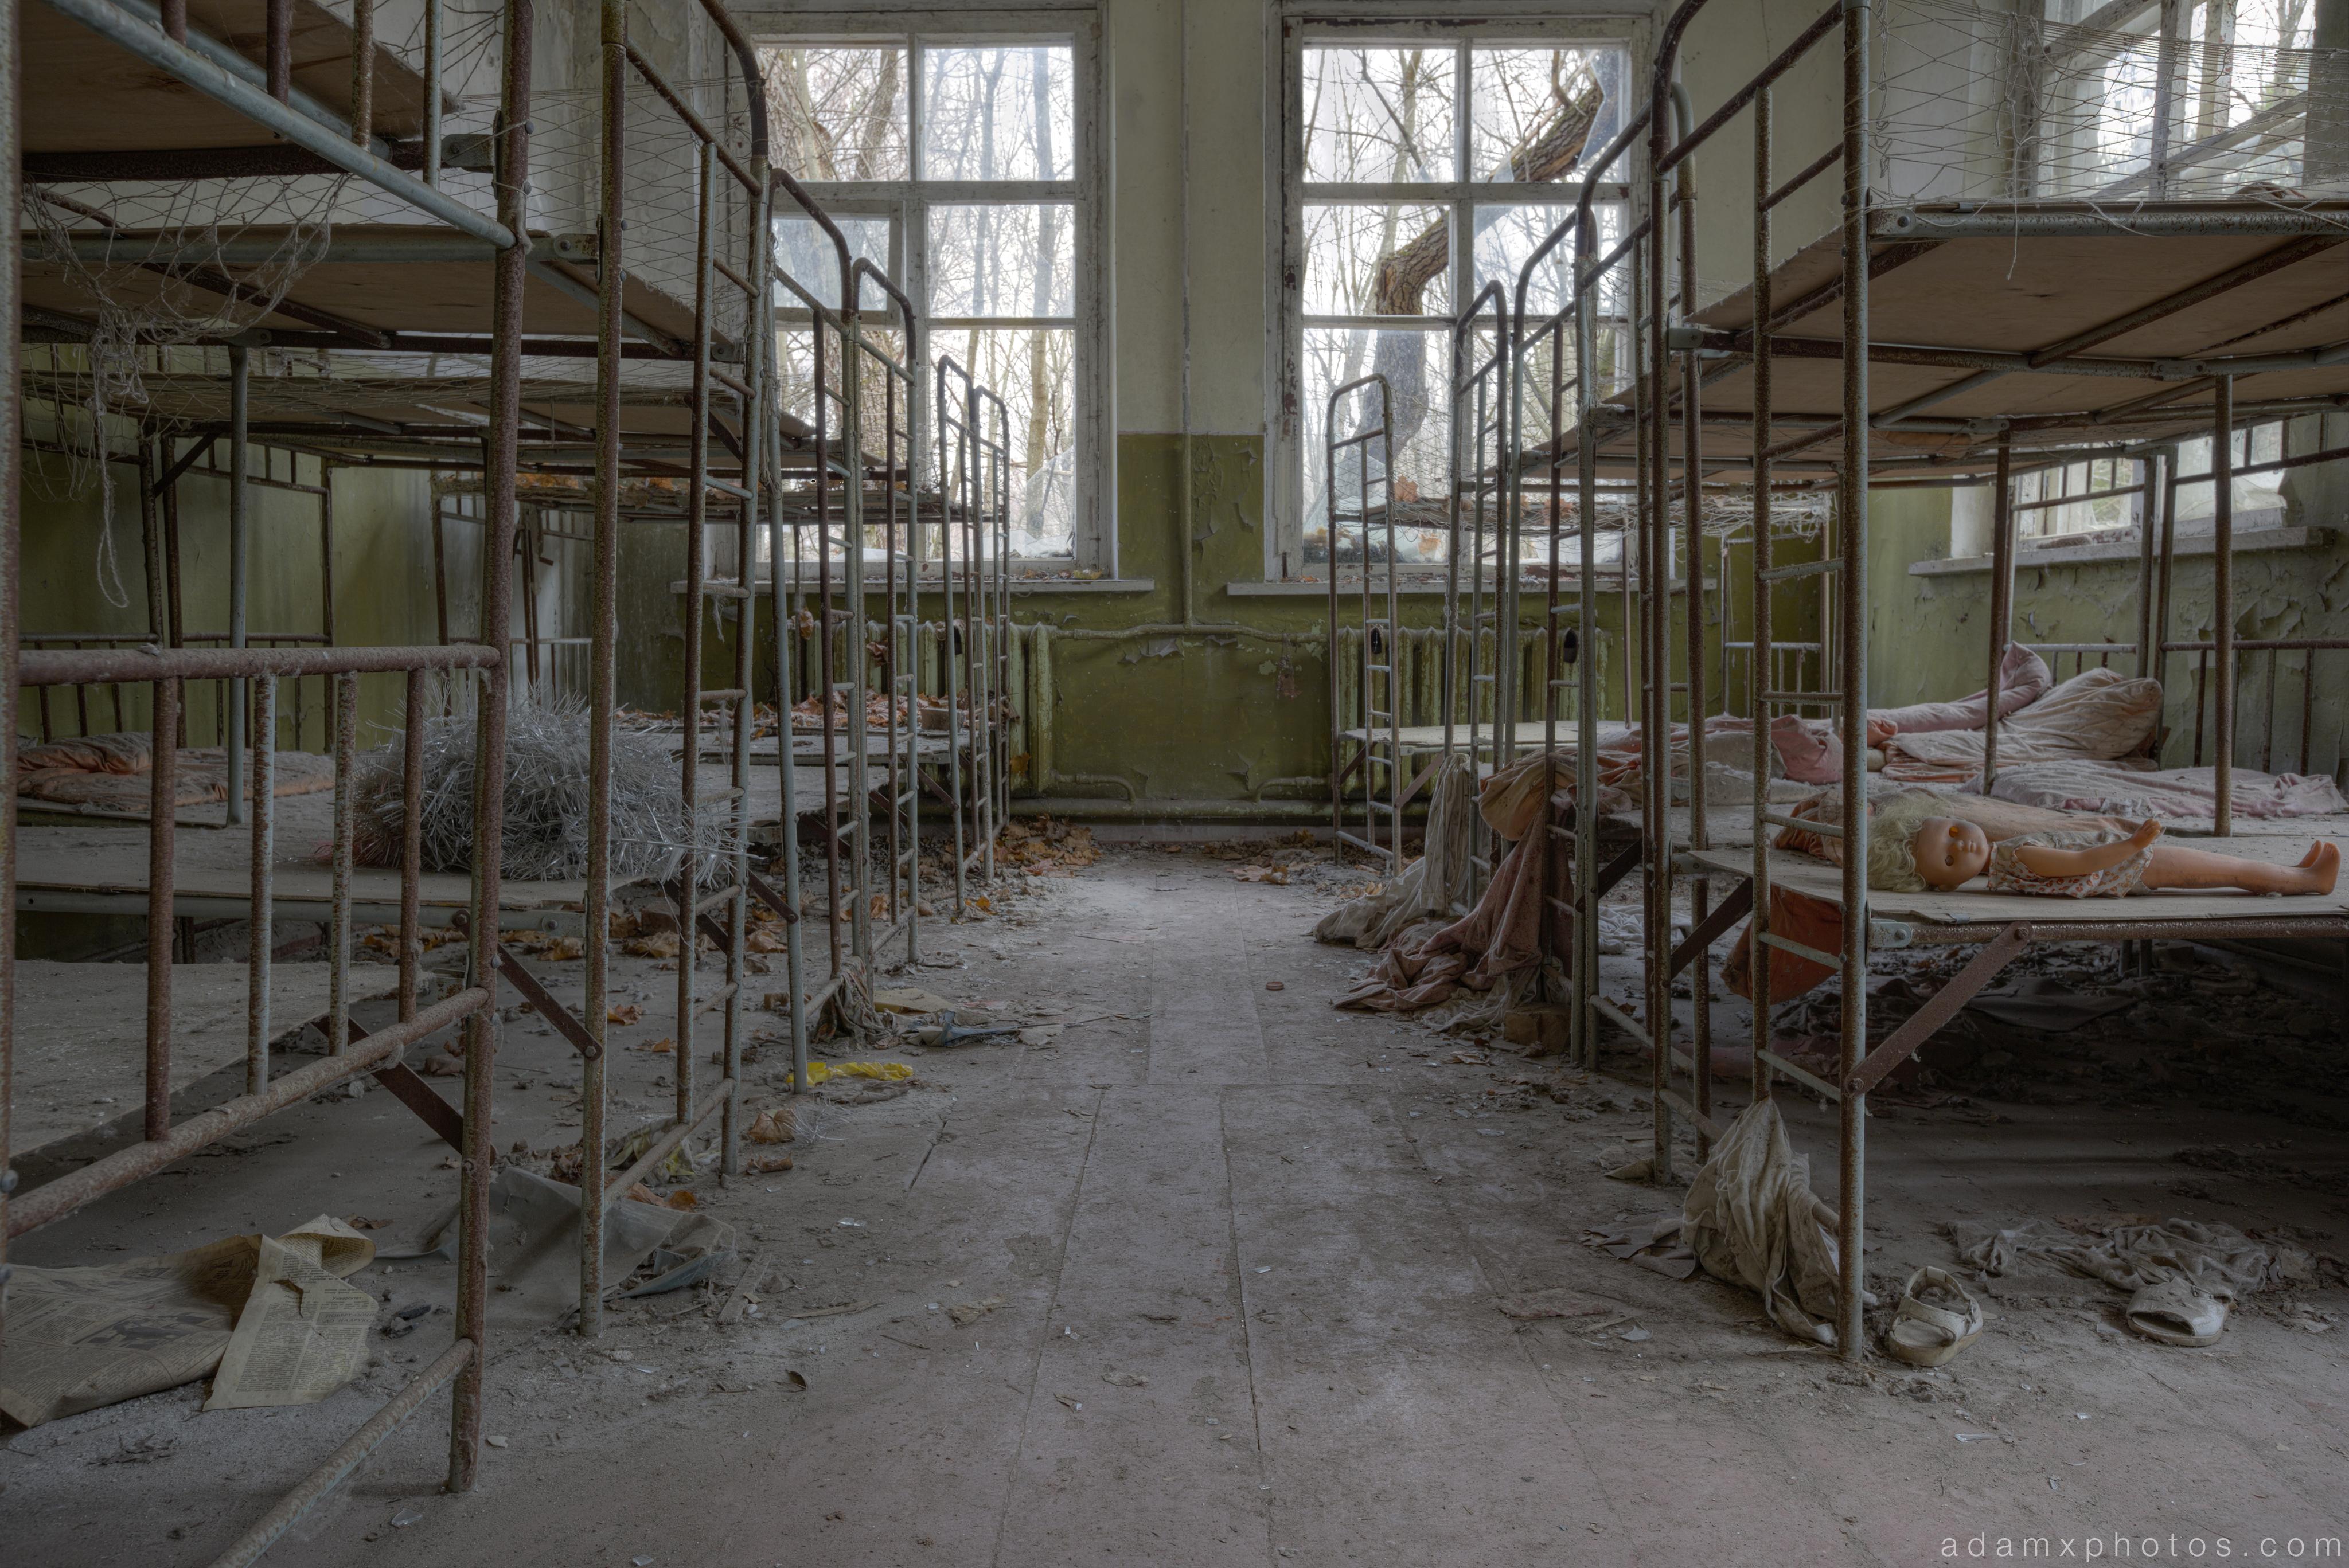 Cribs cots children kopachi kindergarten Chernobyl Pripyat Urbex Adam X Urban Exploration 2015 Abandoned decay lost forgotten derelict